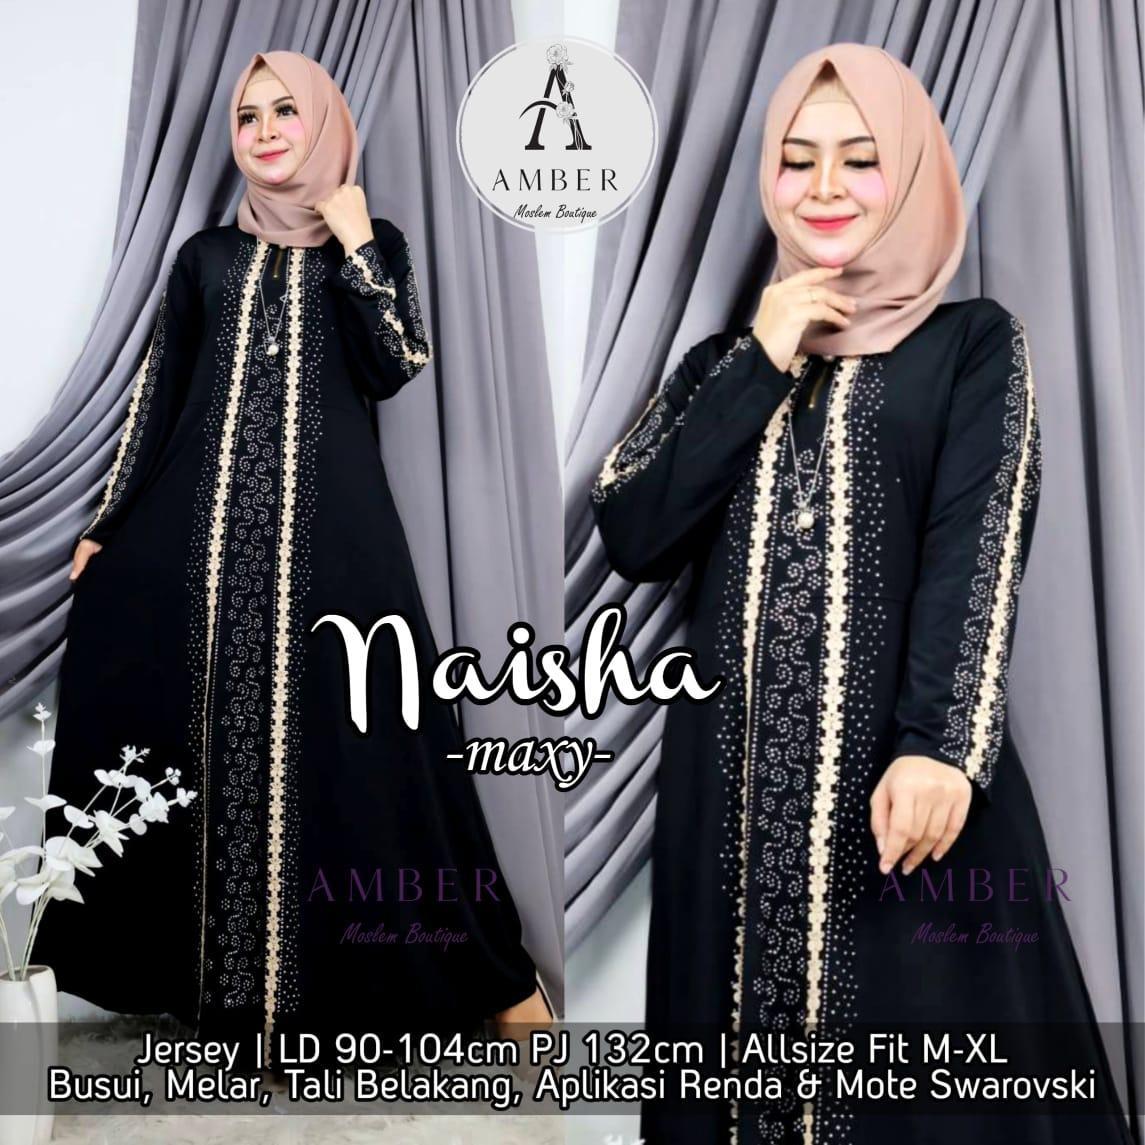 Ghaliya Maxy Katun Serat | Model Baju Gamis Terbaru 2019 Wanita Berhijab| Gamis Renata| Baju Gamis Modern Anak Muda| Baju Kebaya Modern Untuk Pesta|Desain Baju Muslim Modern| Baju Couple Muslim Remaja| Gambar Desain Baju Muslim